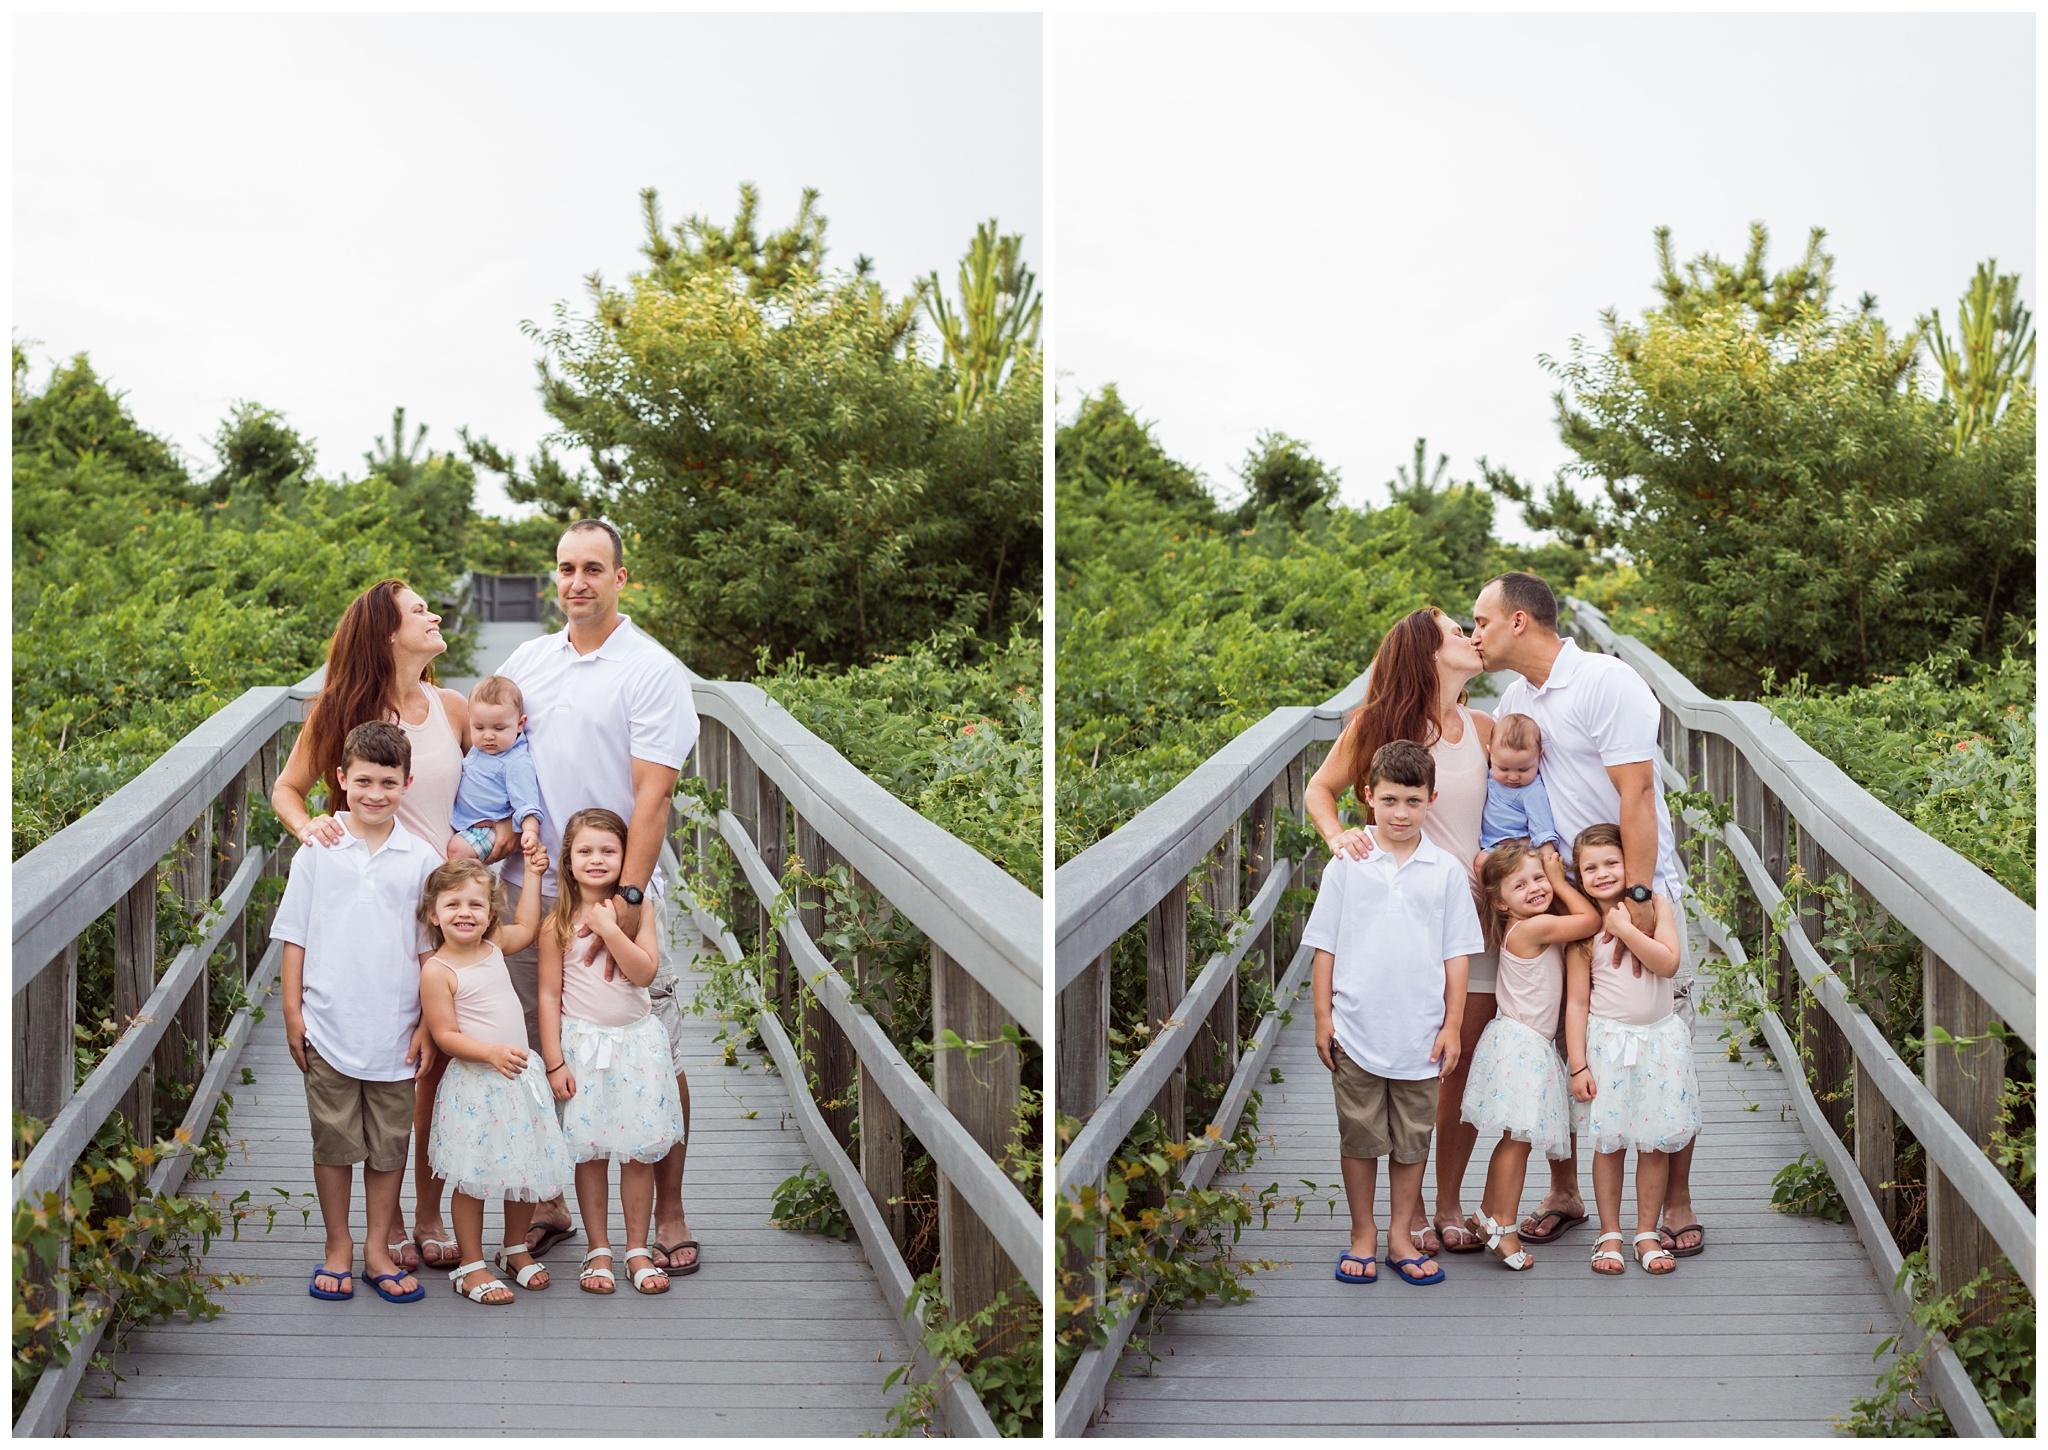 Virginia-Beach-Family-Photographer -2.jpg